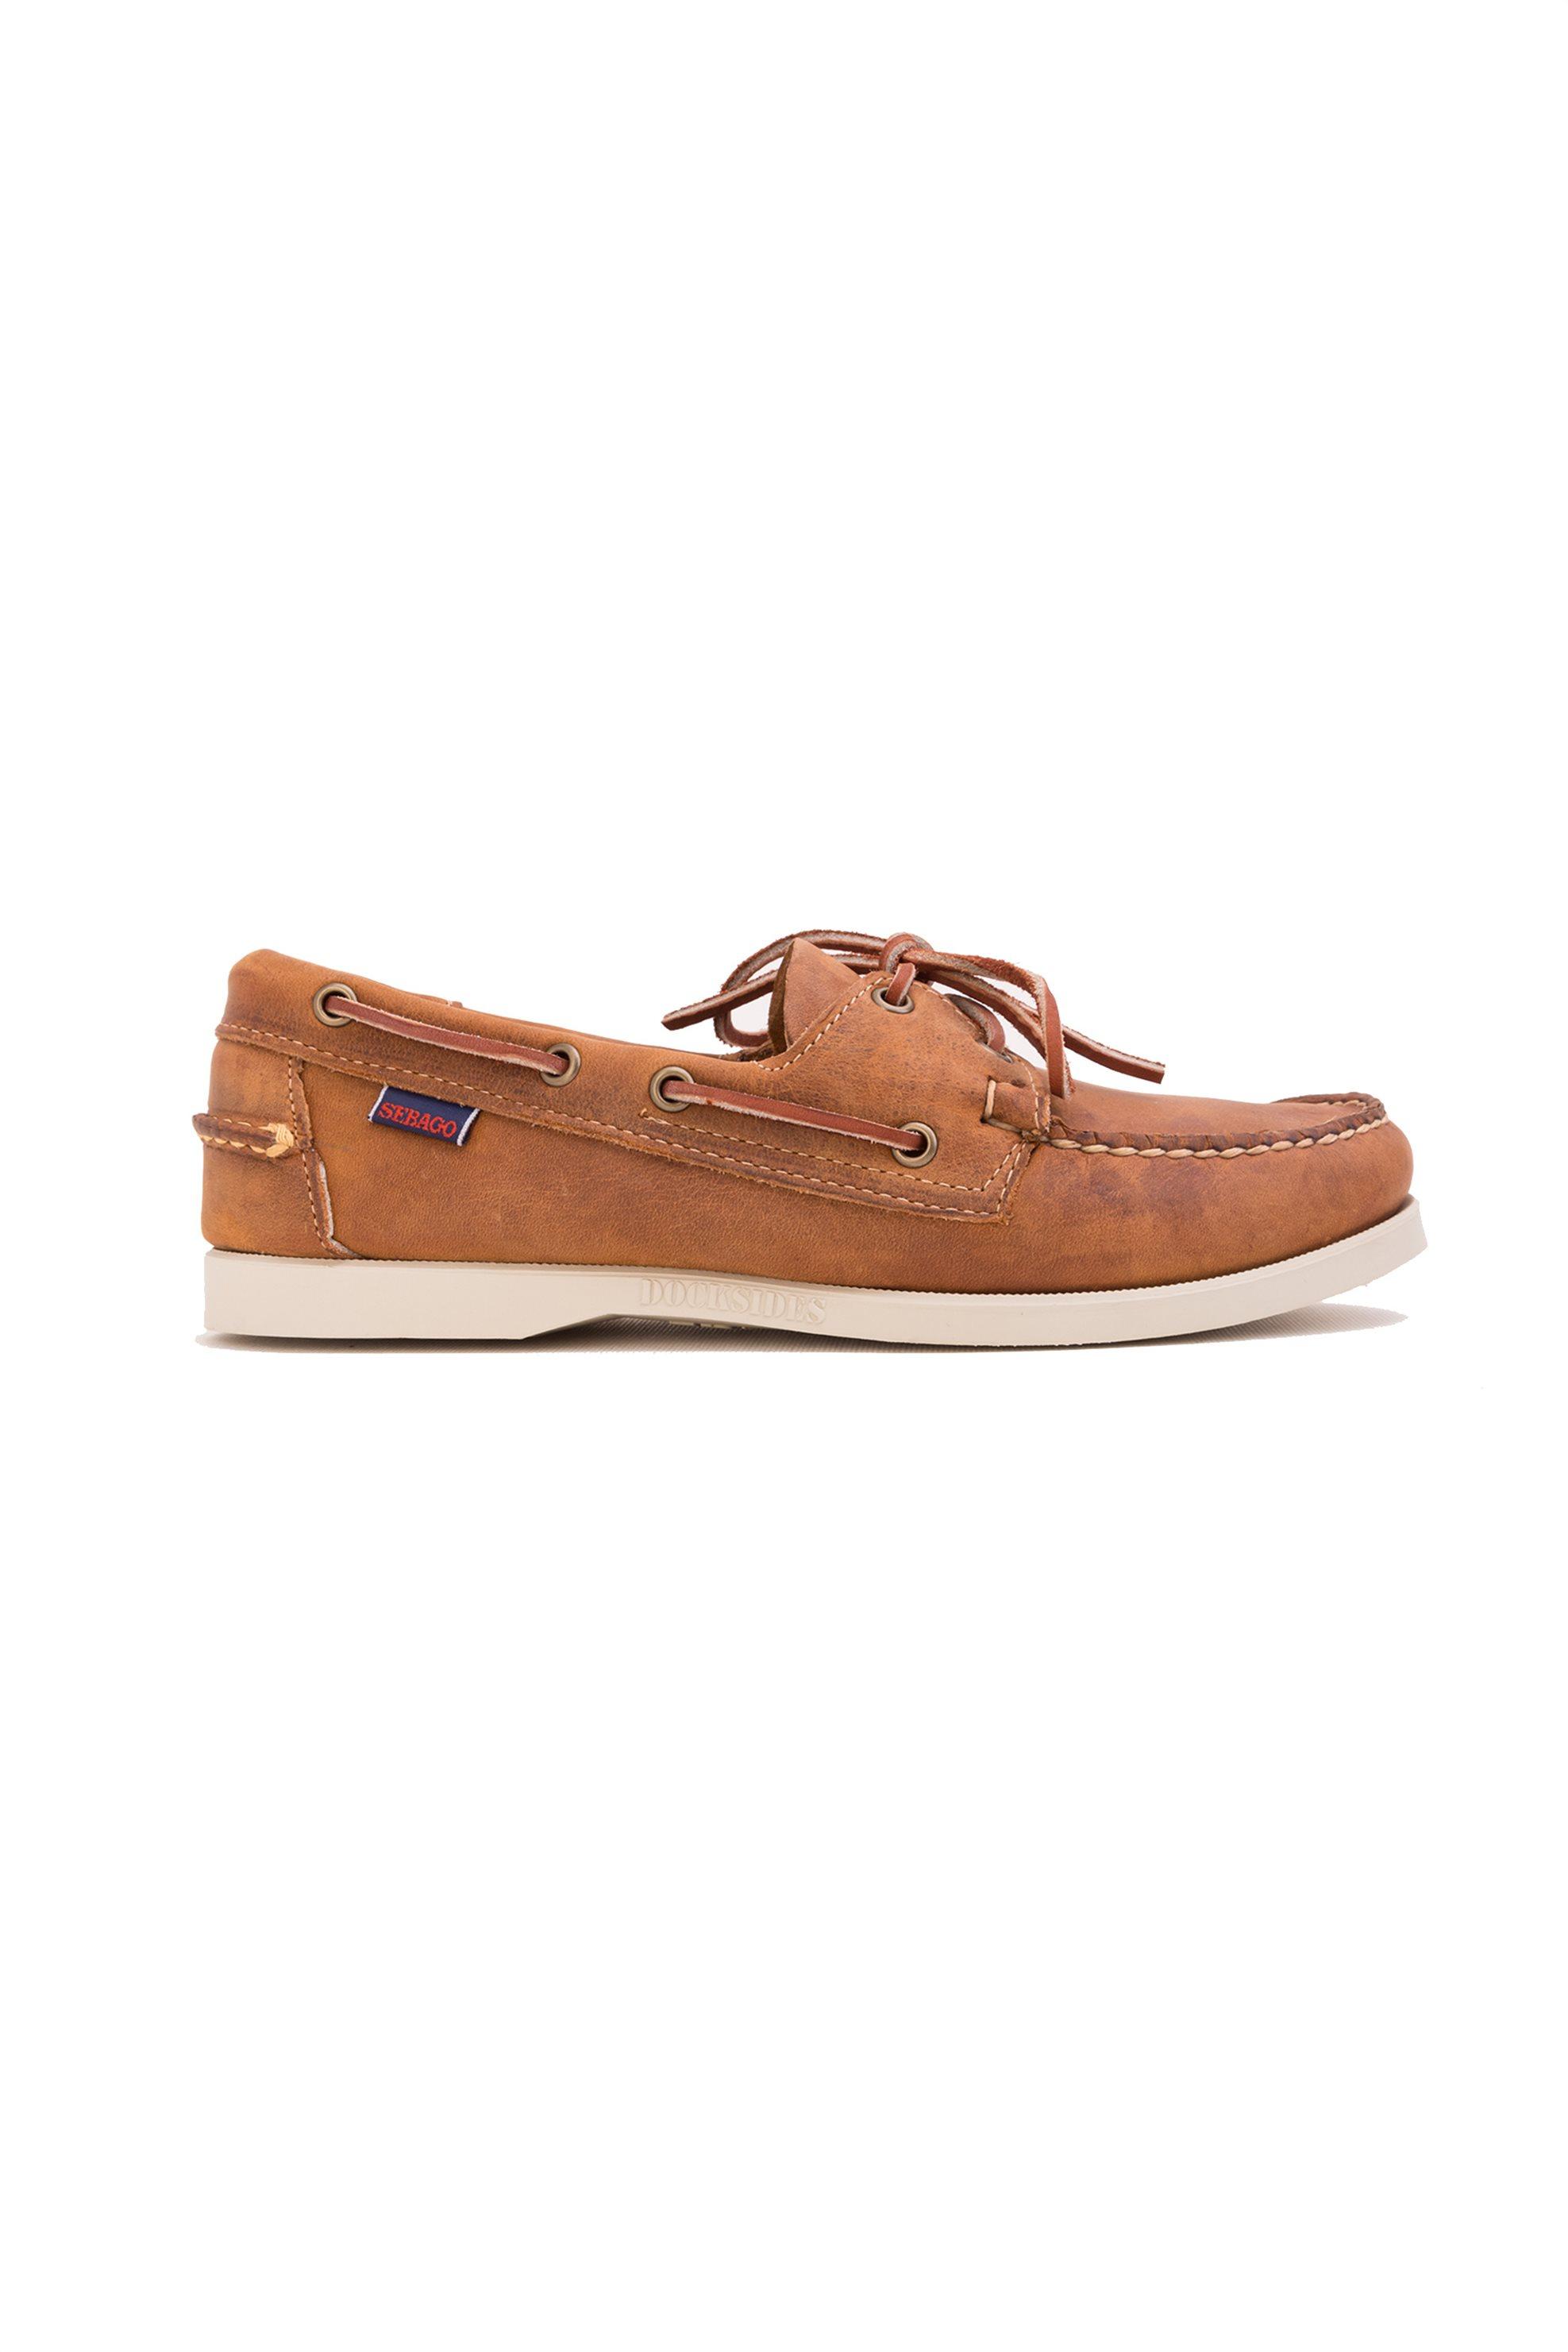 Ανδρικά παπούτσια boats Sebago - B72652 - Ταμπά ανδρασ   παπουτσια   boats